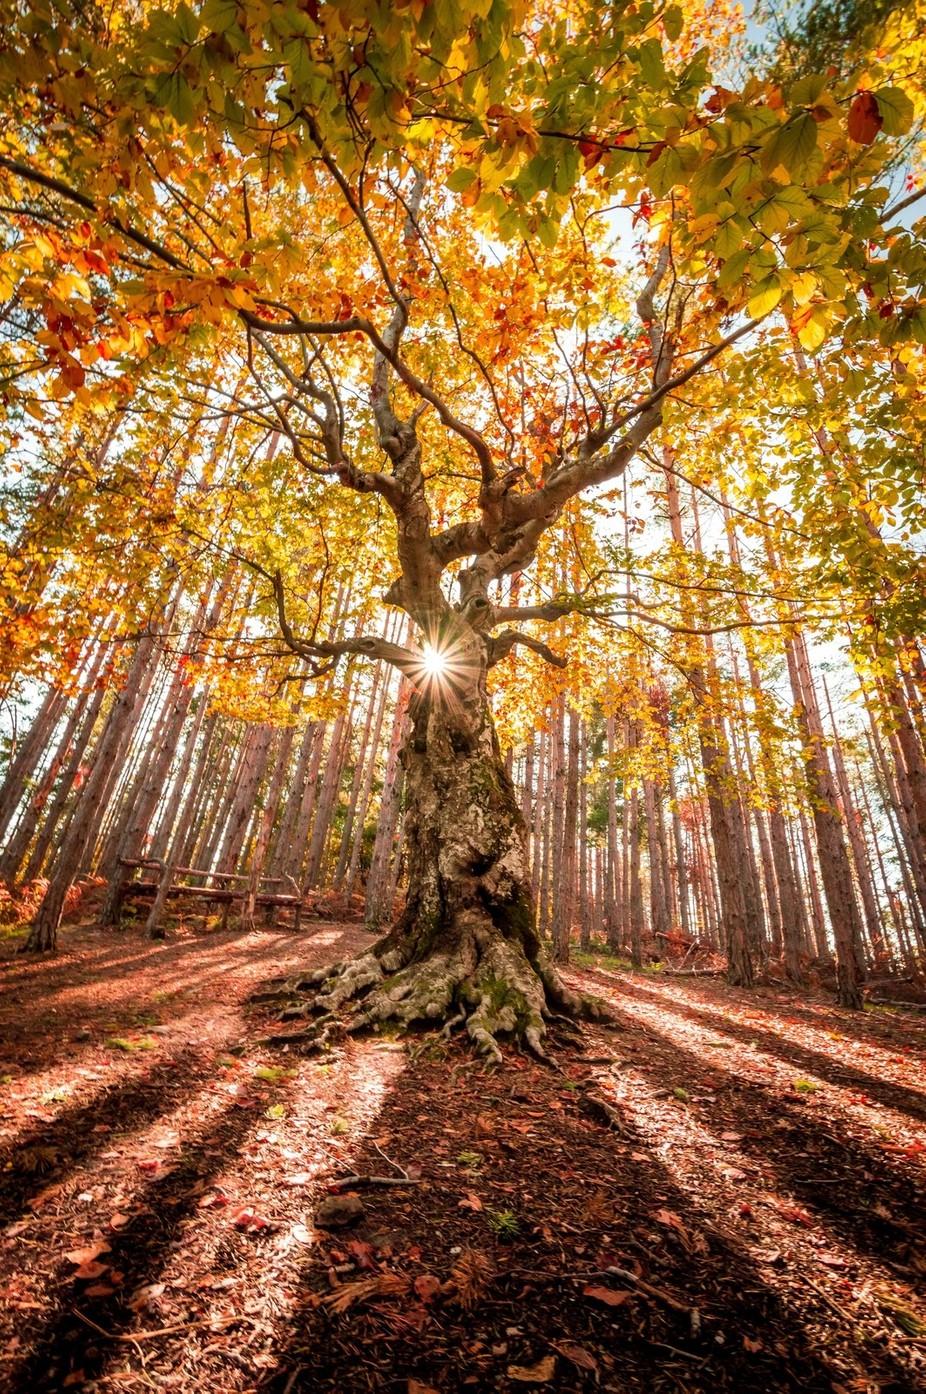 Golden autumn by jmadjarova - Divine Forests Photo Contest